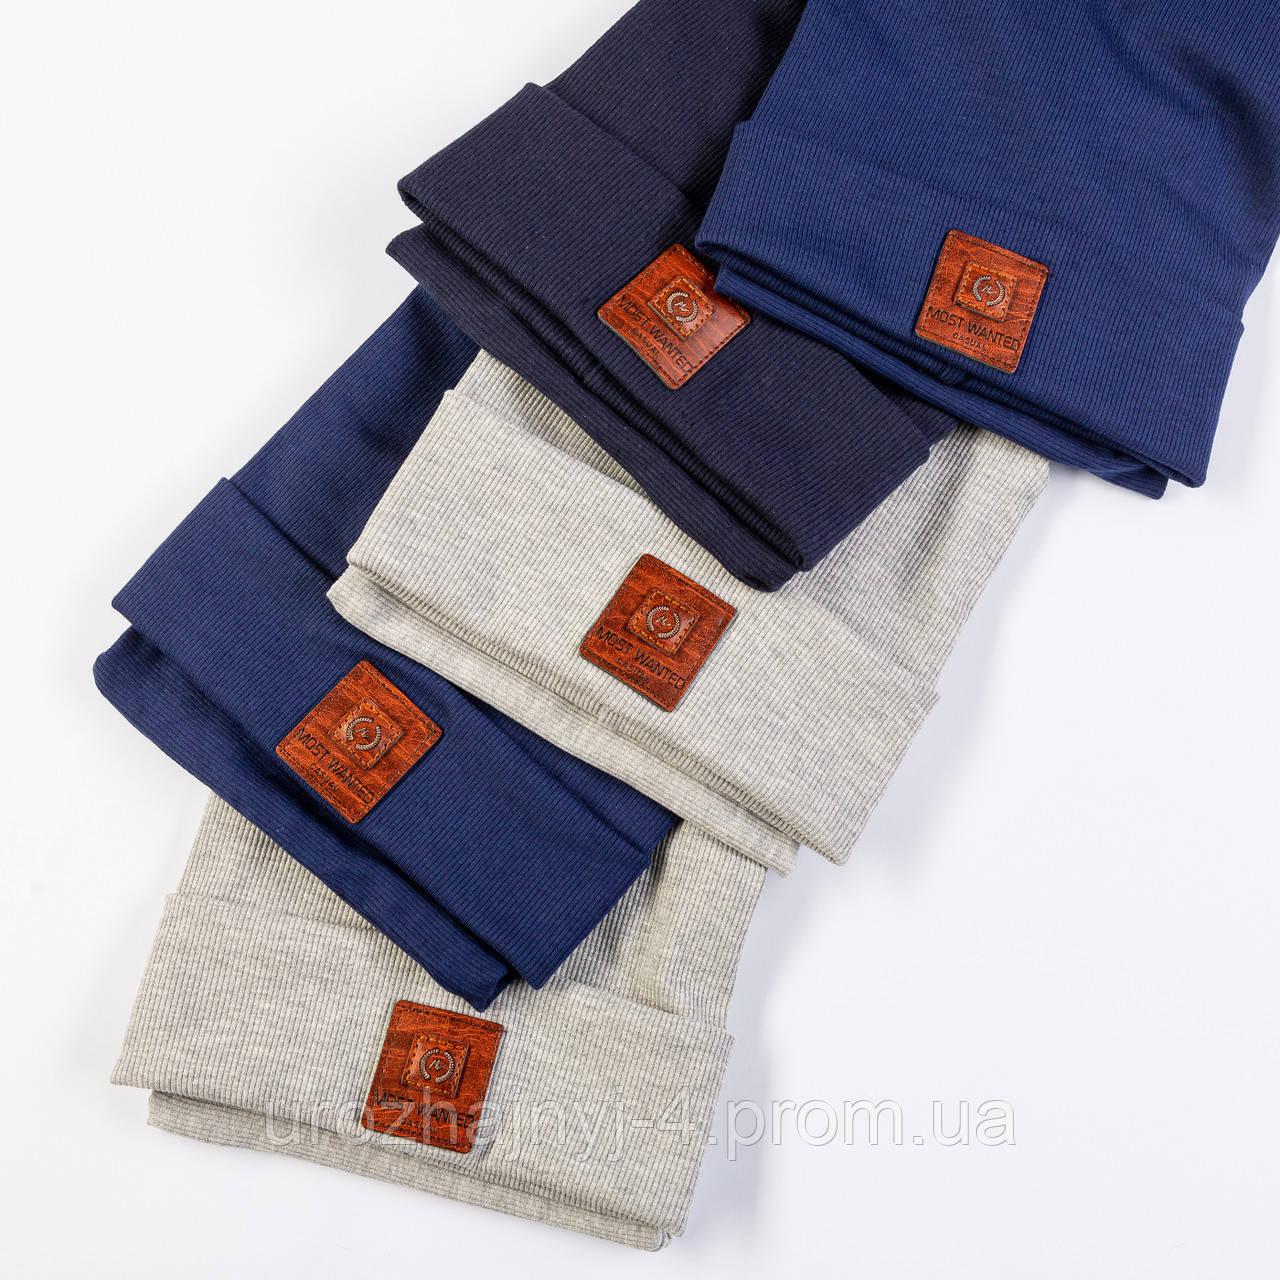 Трикотажный комплект подкладка х/б размер 52-54 5шт в упаковке